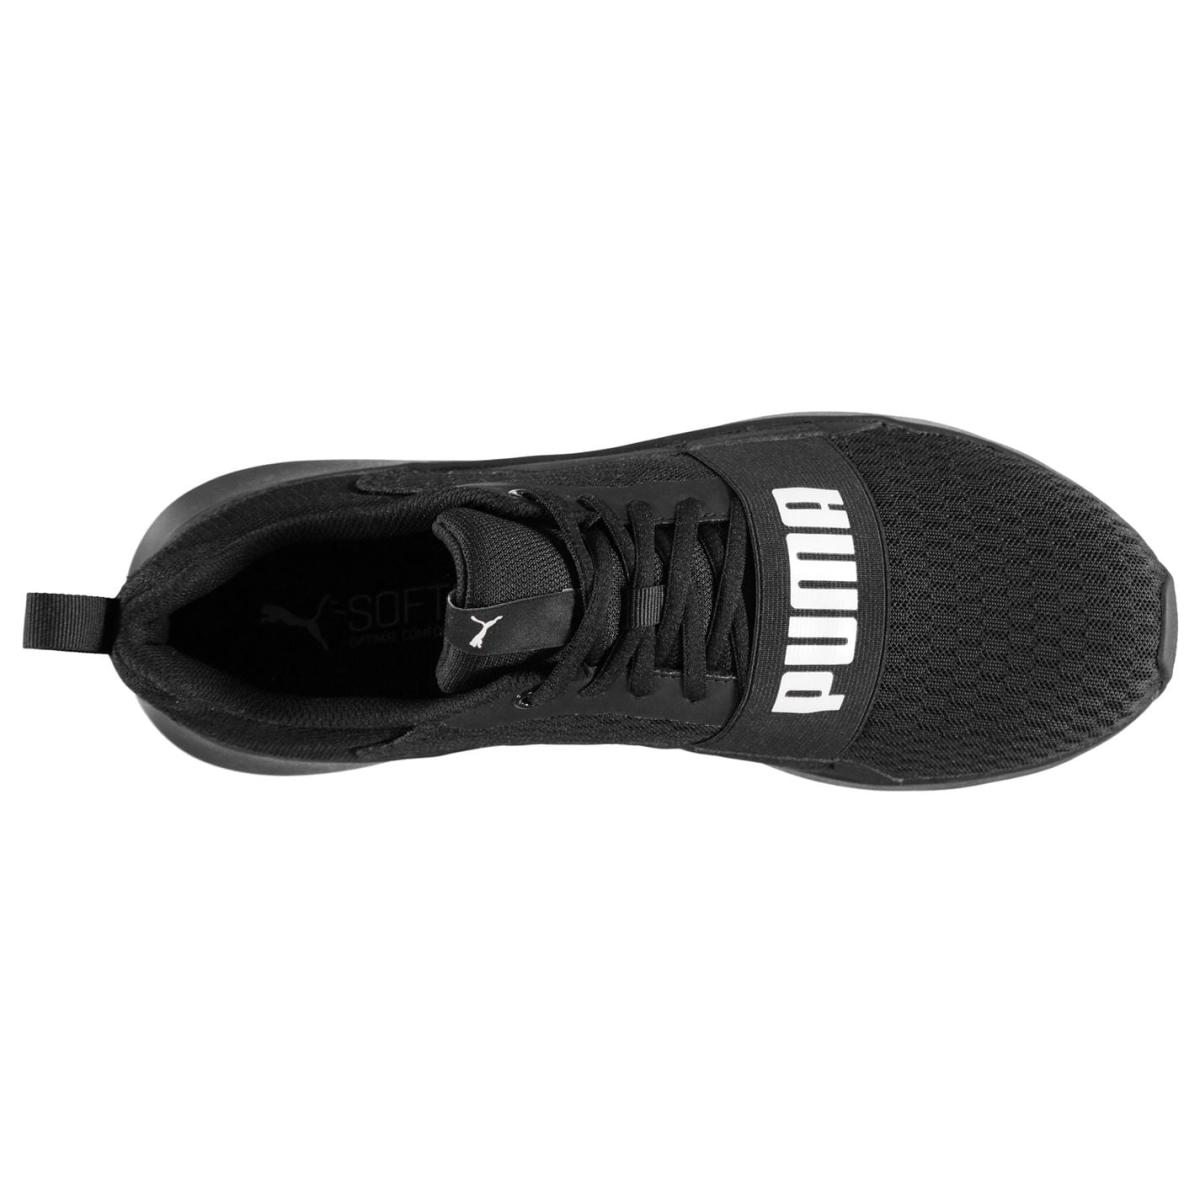 Puma-Wired-senores-zapatillas-de-deporte-zapatillas-para-correr-cortos-calzado-deportivo-fitness miniatura 4